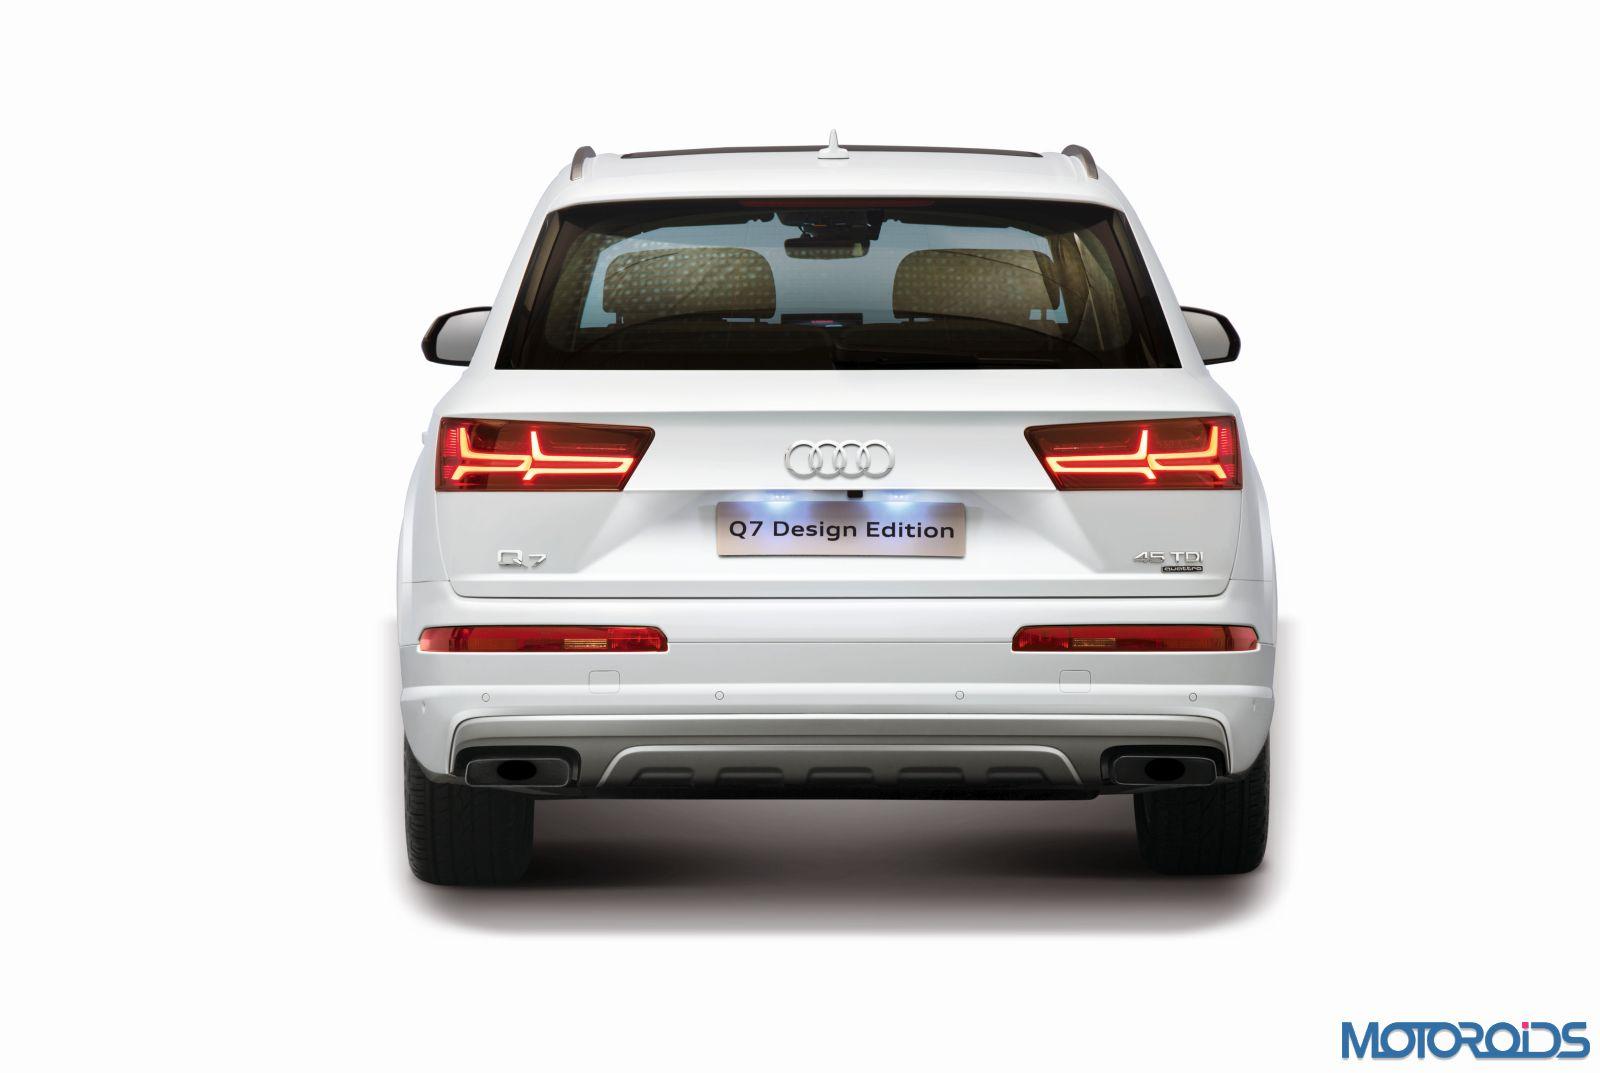 Audi-Q7-Design-Edition-6